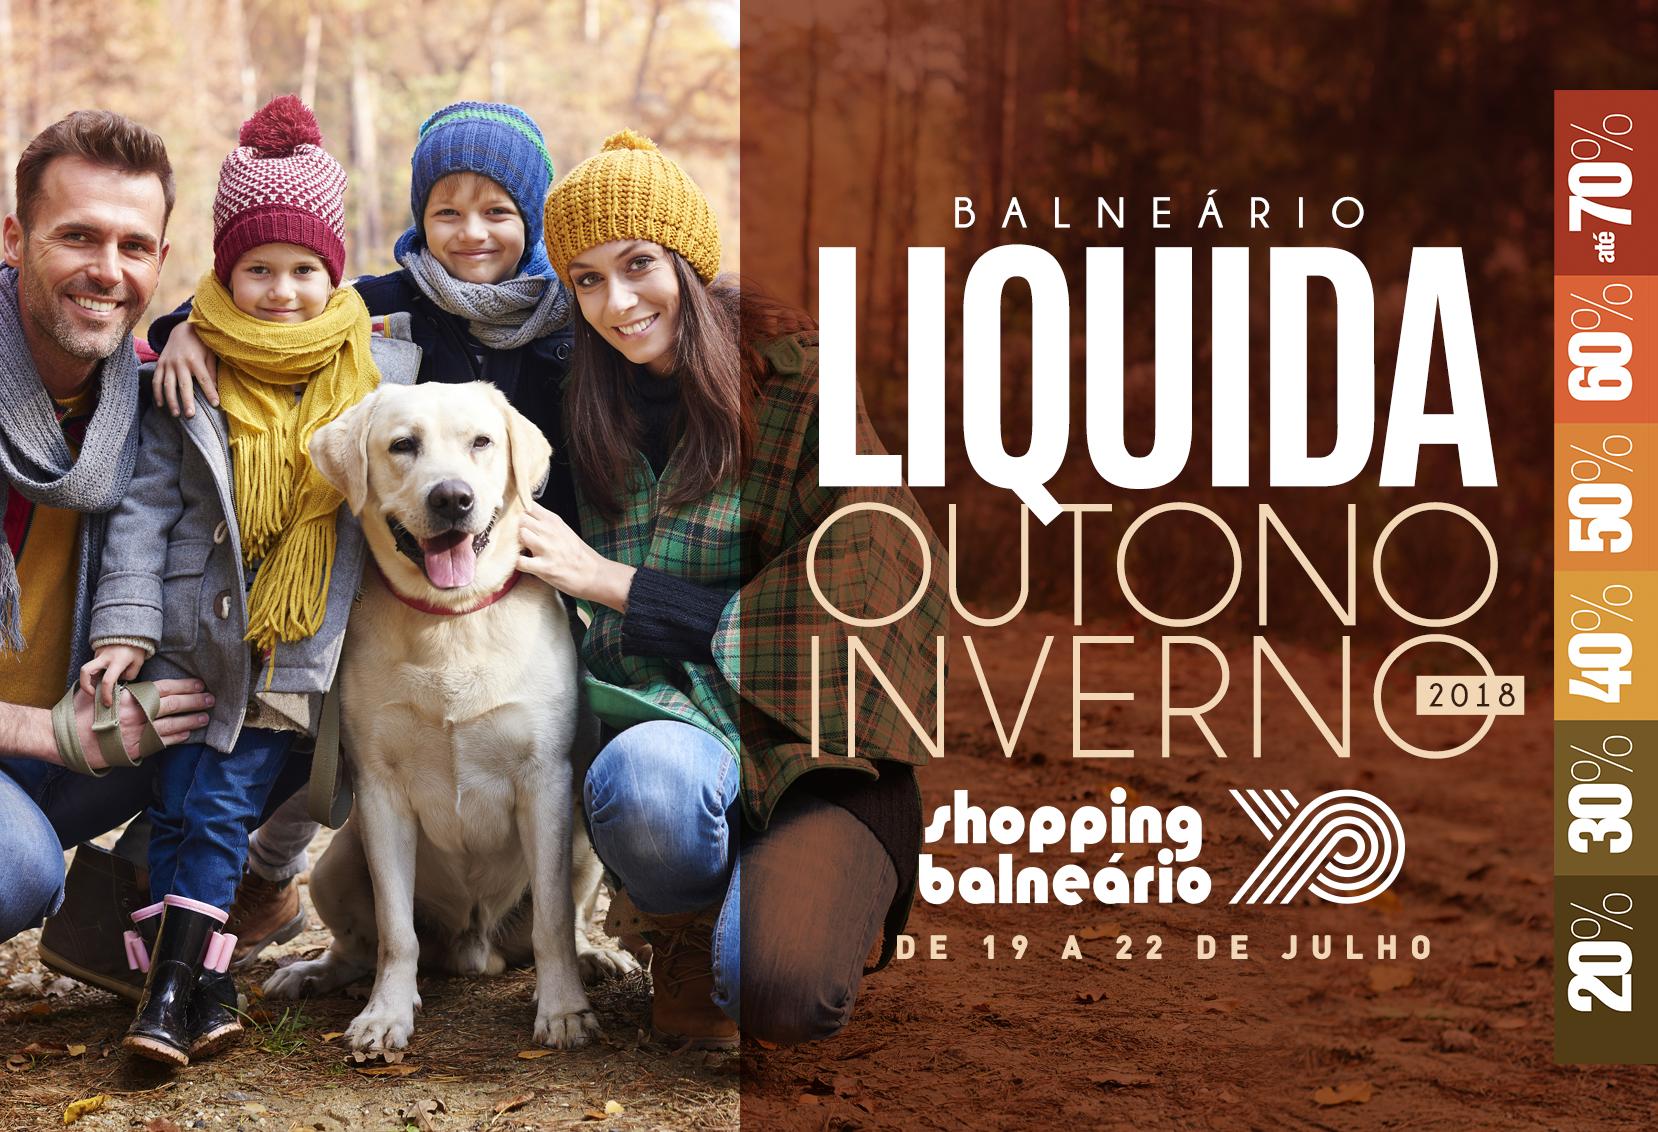 Shopping Parque Balneário Promove Segunda Edição Do 'Balneário Liquida'